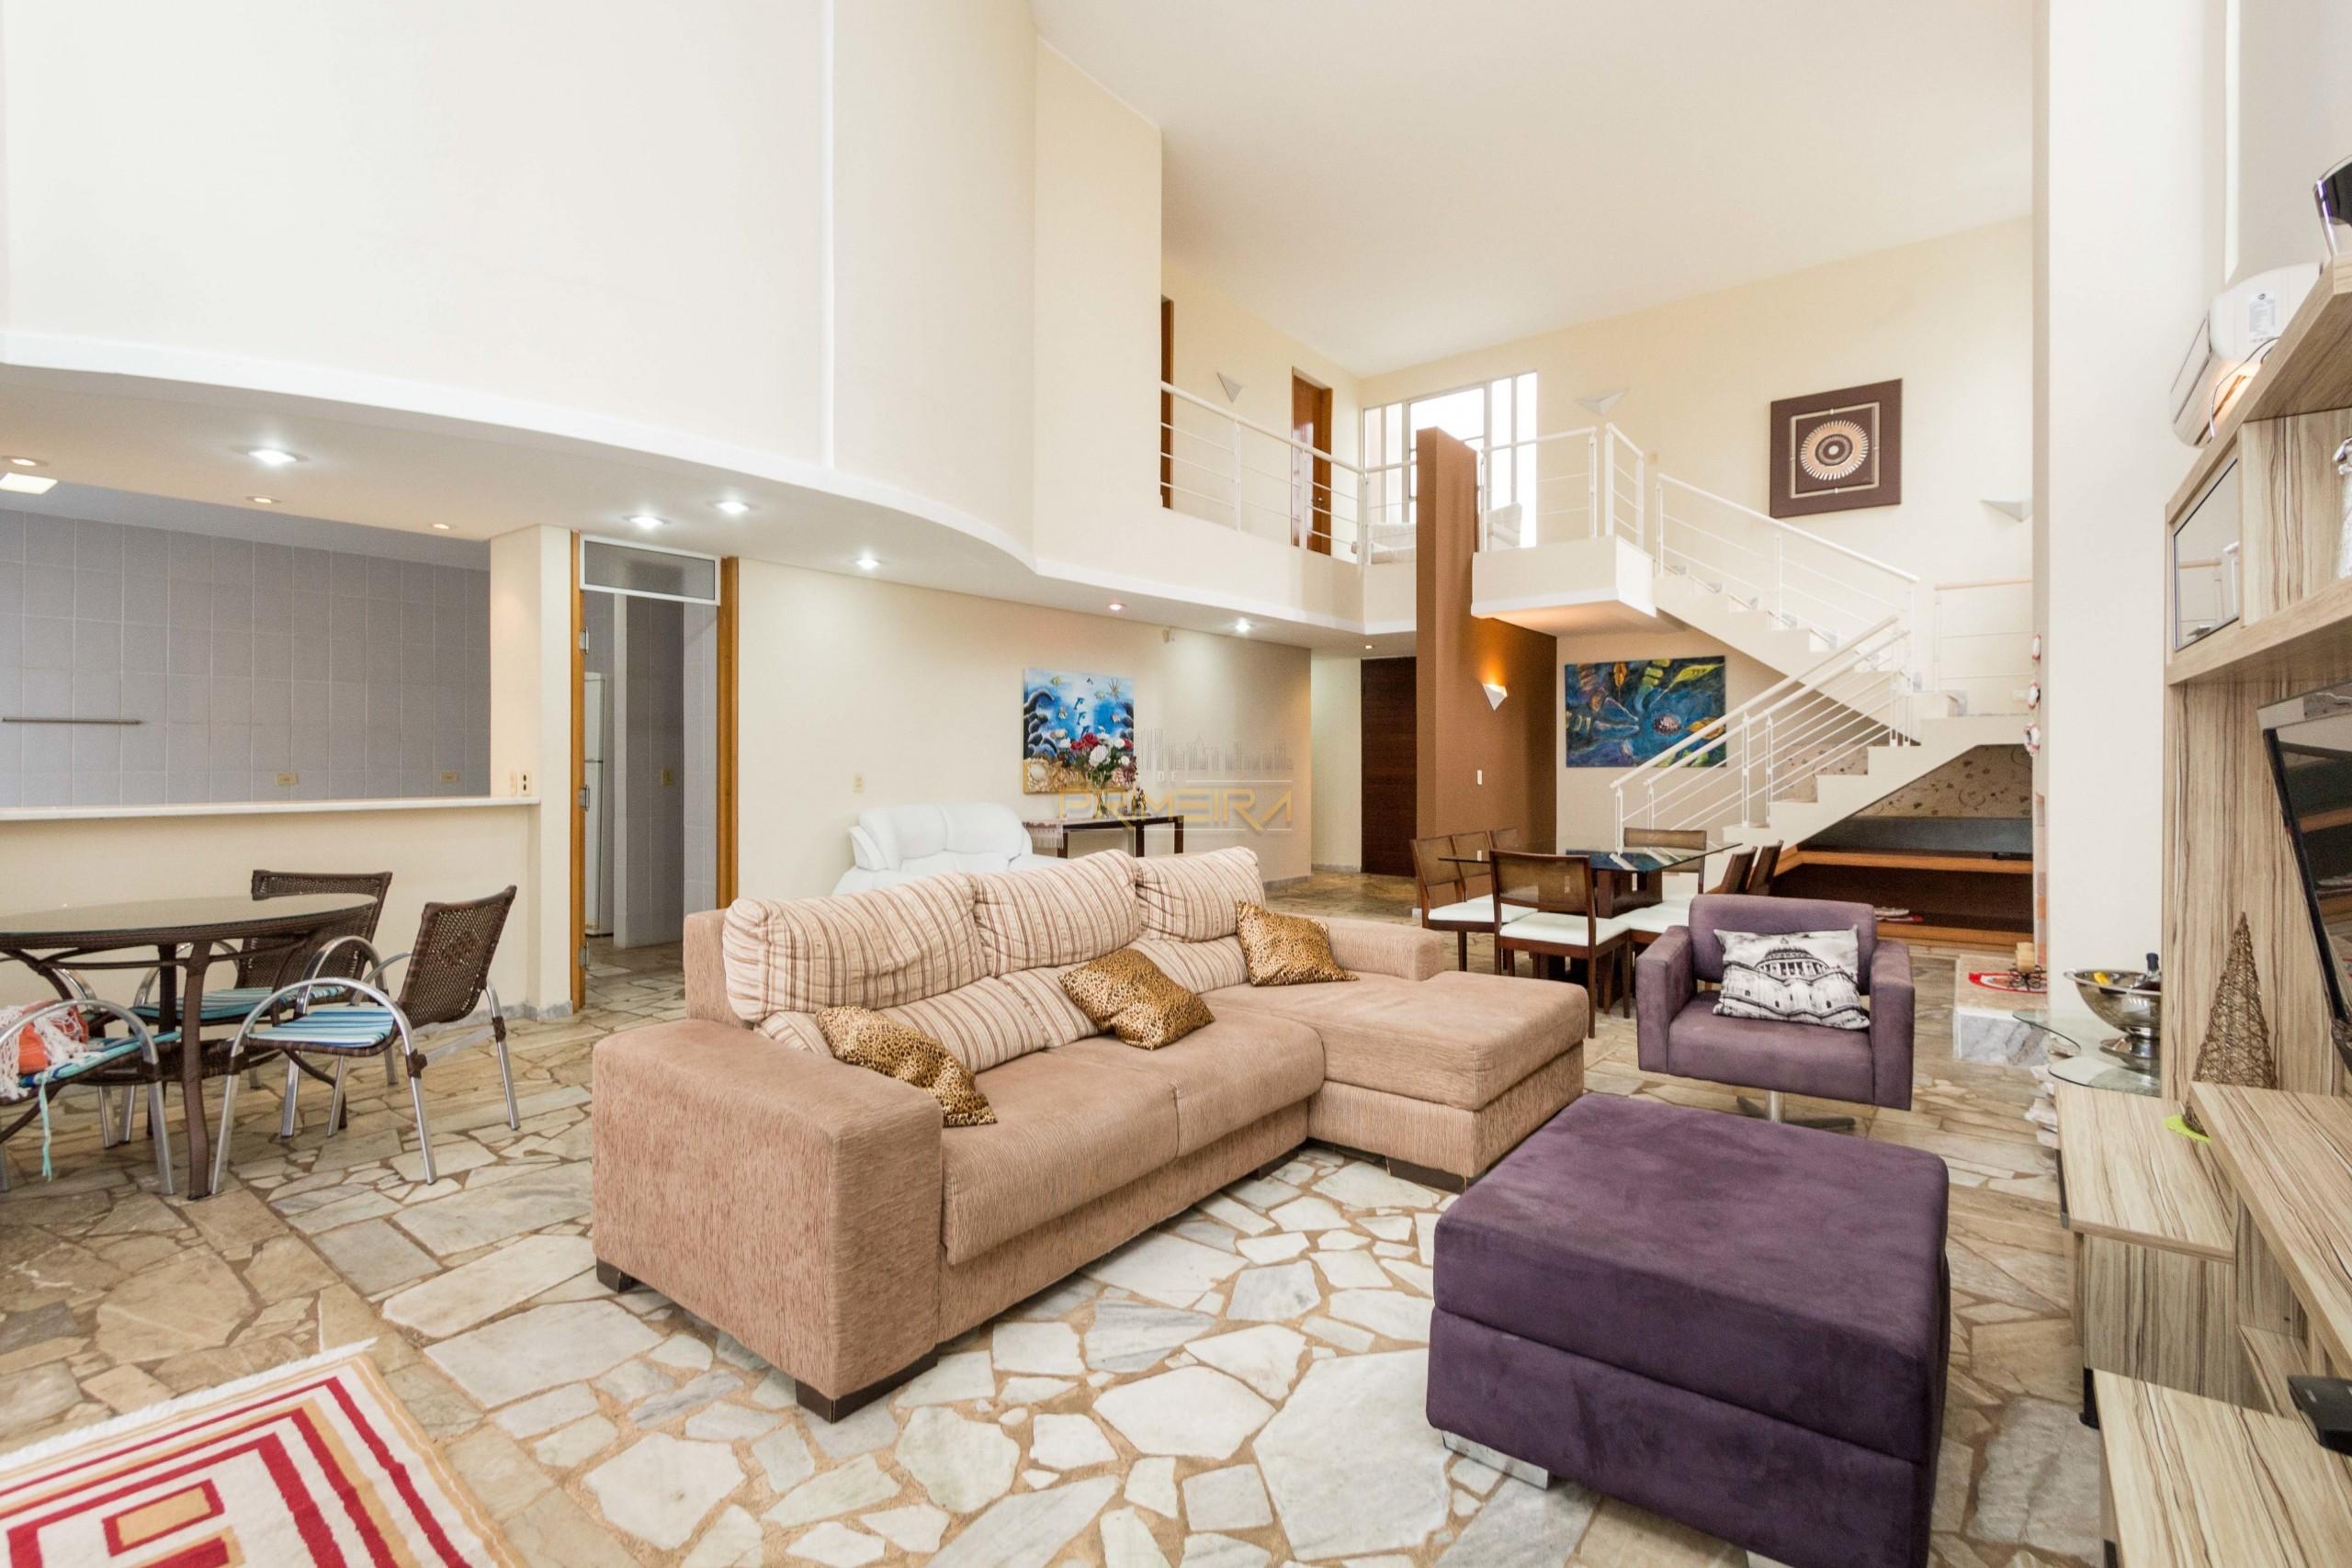 https://s3-sa-east-1.amazonaws.com/static-arbo/CA0131_IMPR/90707215-casa-em-condominio-pontal-do-parana-balneario-atami-sul.jpg